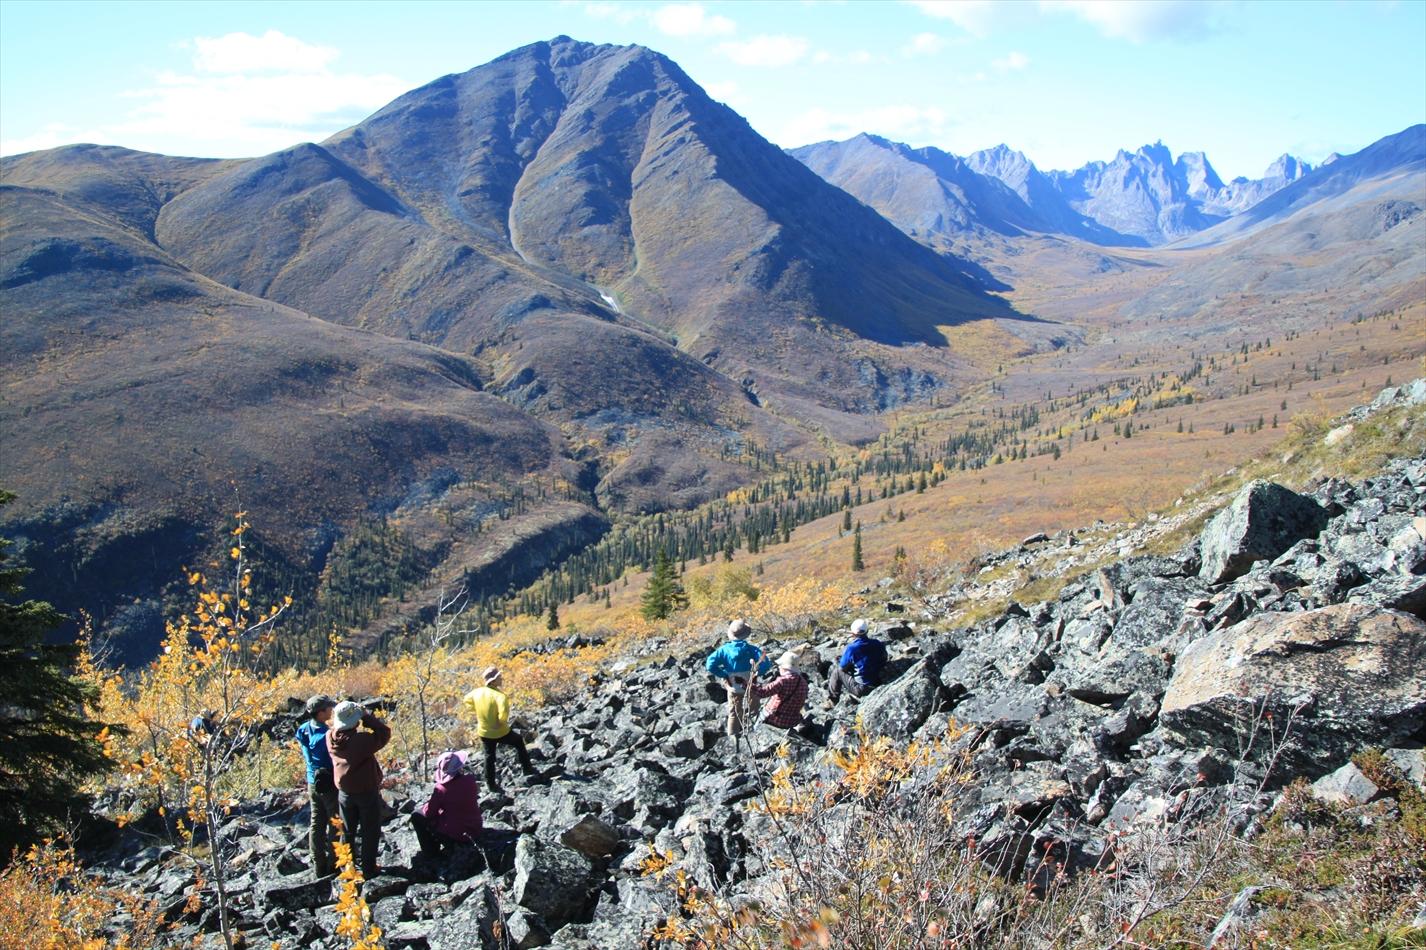 9月1日出発「悠久なる大地へ 秋のユーコン縦断ハイキング9日間」